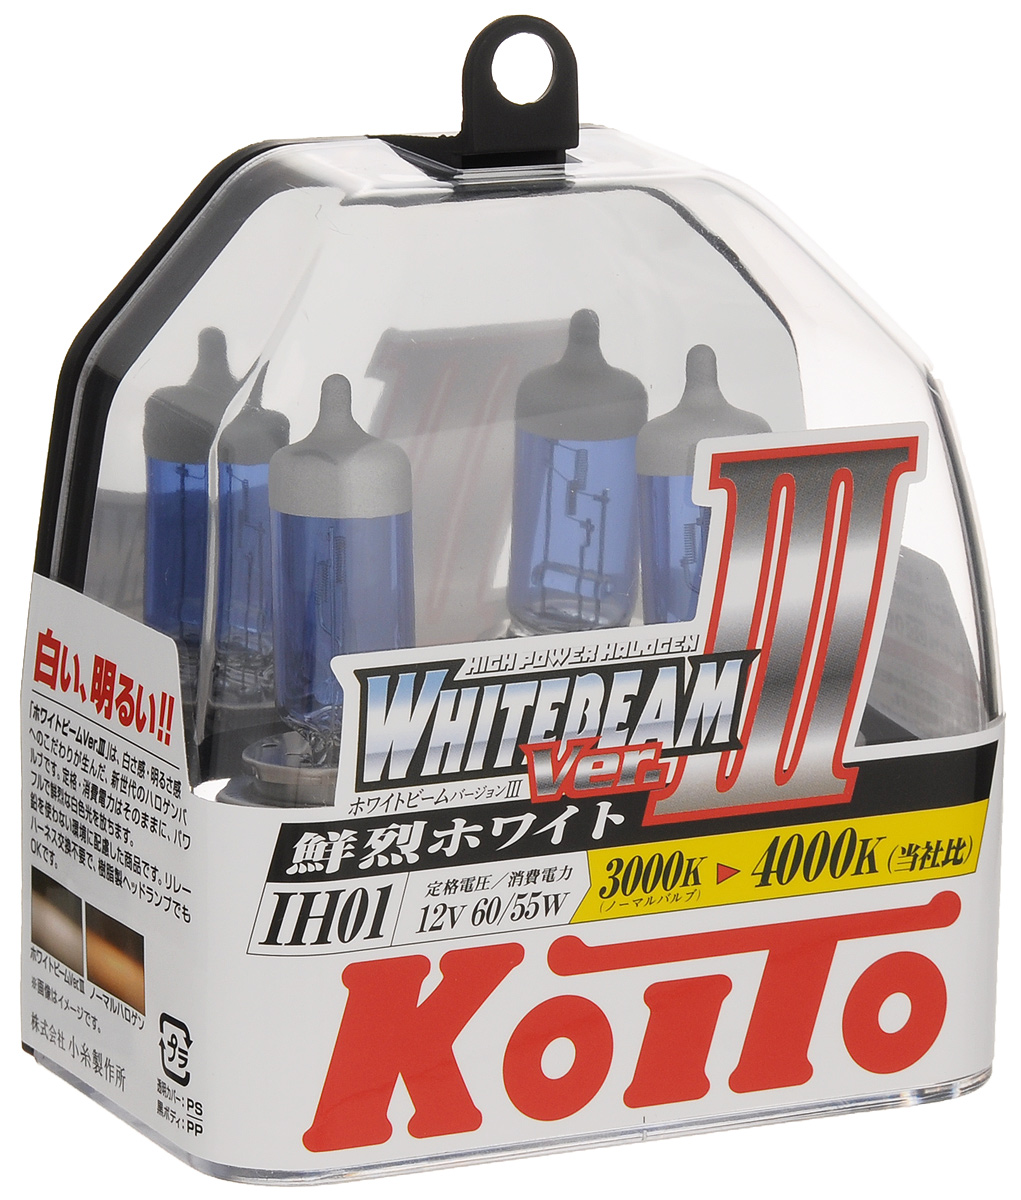 Лампа высокотемпературная Koito Whitebeam IH01 12V 60/55W (100/90W) пластиковая упаковка - 2 шт комплект P0745W48056Лампы KOITO Whitebeam являются вершиной развития технологий автомобильного освещения. Созданные с применением самых современных технологий и ноу-хау компании KOITO, разработанные на основе опыта поставок систем освещения крупнейшим мировым автопроизводителям, лампы серии Whitebeam III воплотили в себе весь опыт и достижения компании за почти вековую историю работы.Напряжение: 12 вольт. Цветовая температура: 4000К. Тип цоколя: IH01. Цвет света: белый. Технические характеристики: 12V 60/55W (светоотдача 100/90W. )